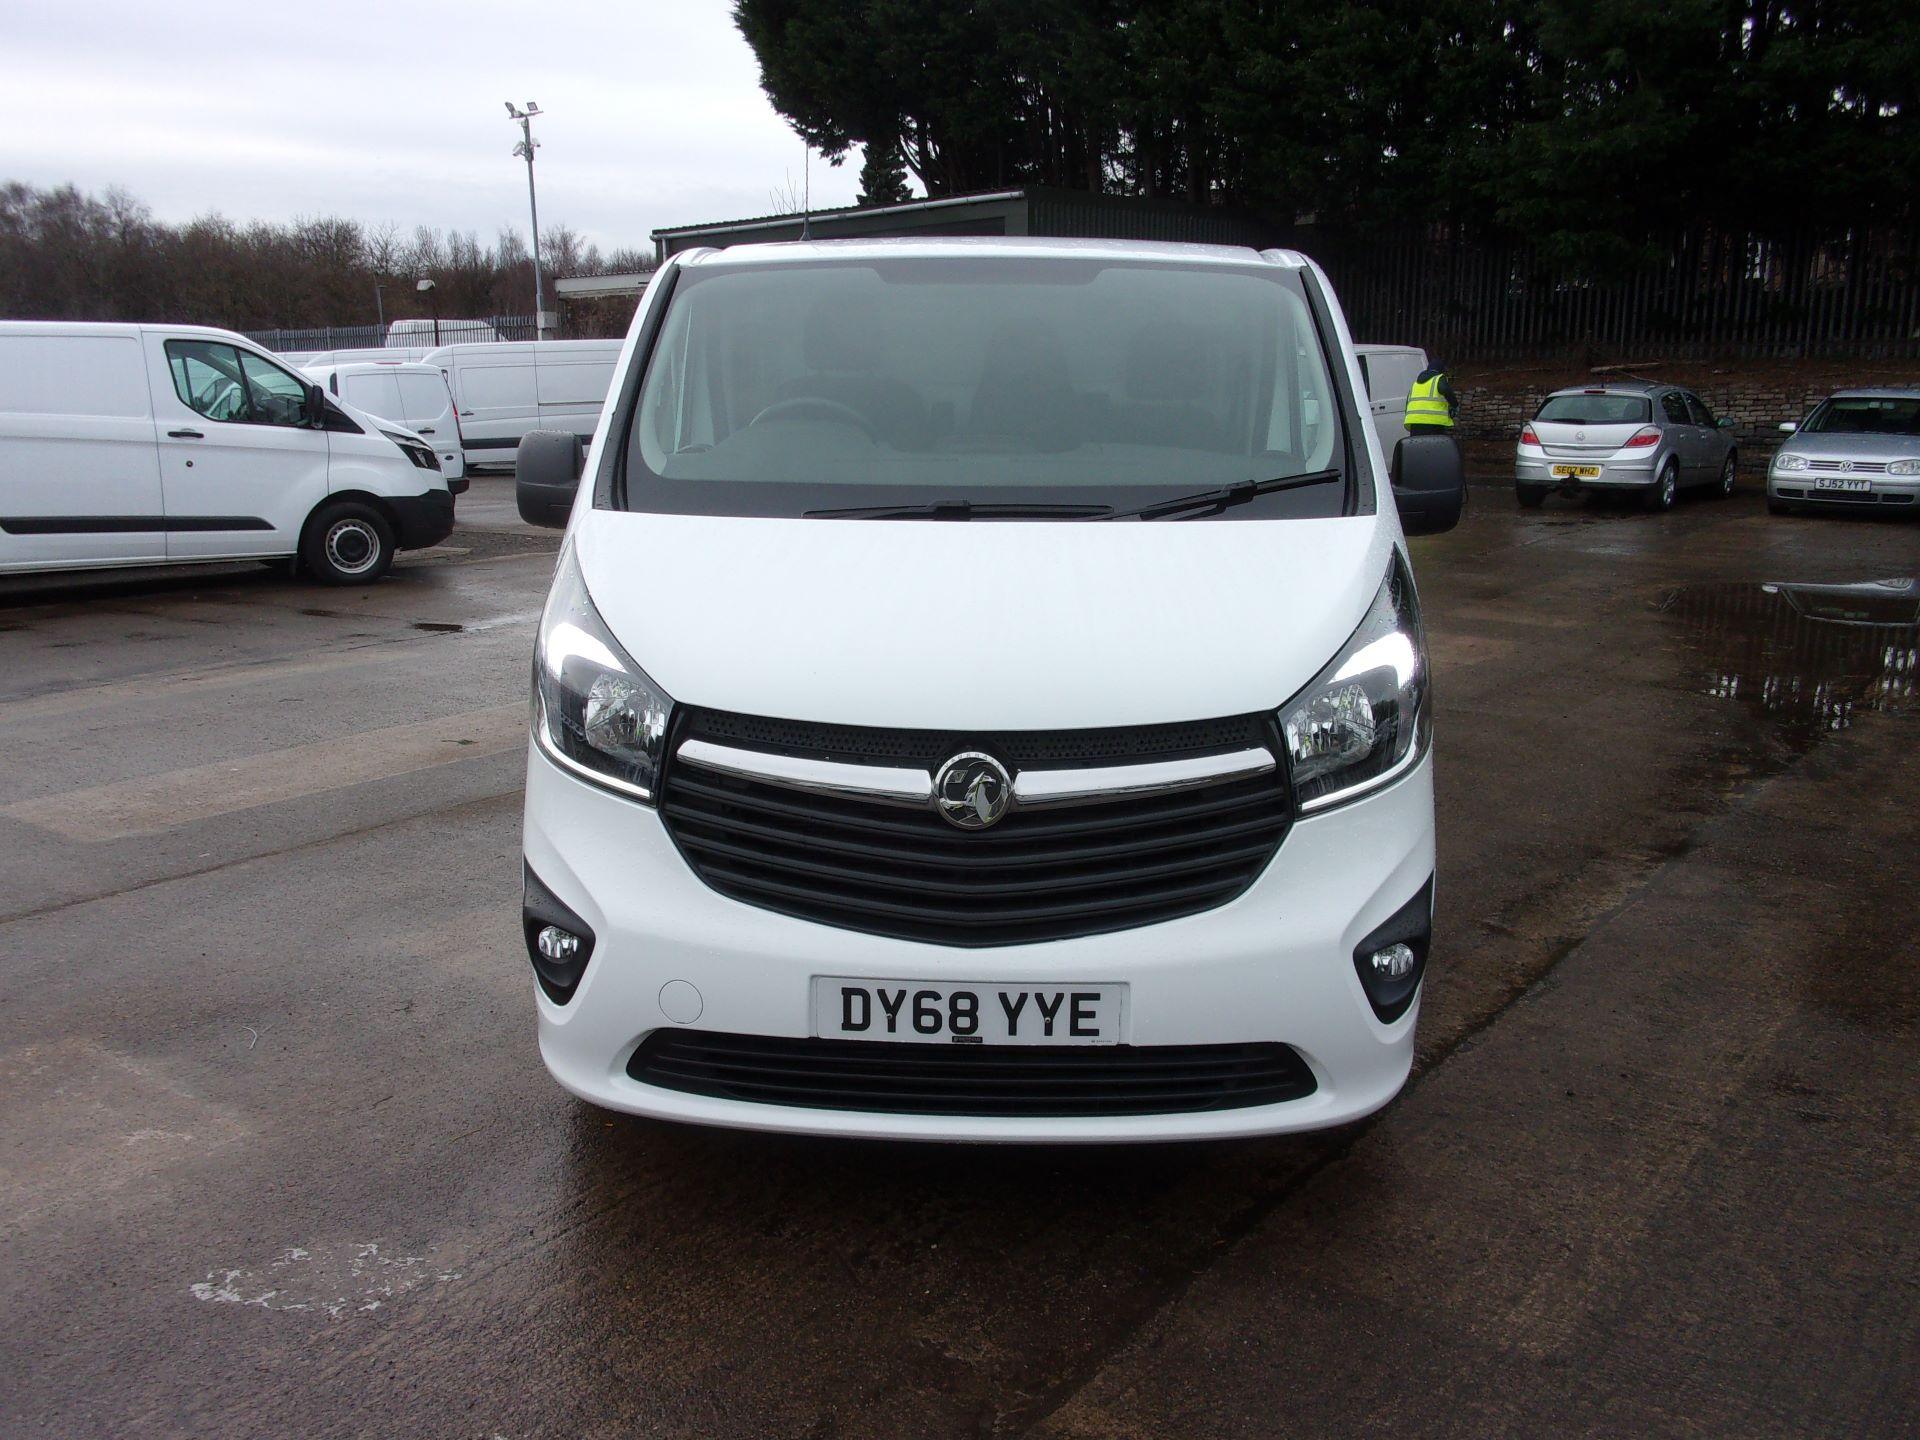 2018 Vauxhall Vivaro L1 H1 2900 1.6 CDTI 120PS SPORTIVE VAN EURO 6 (DY68YYE) Image 18